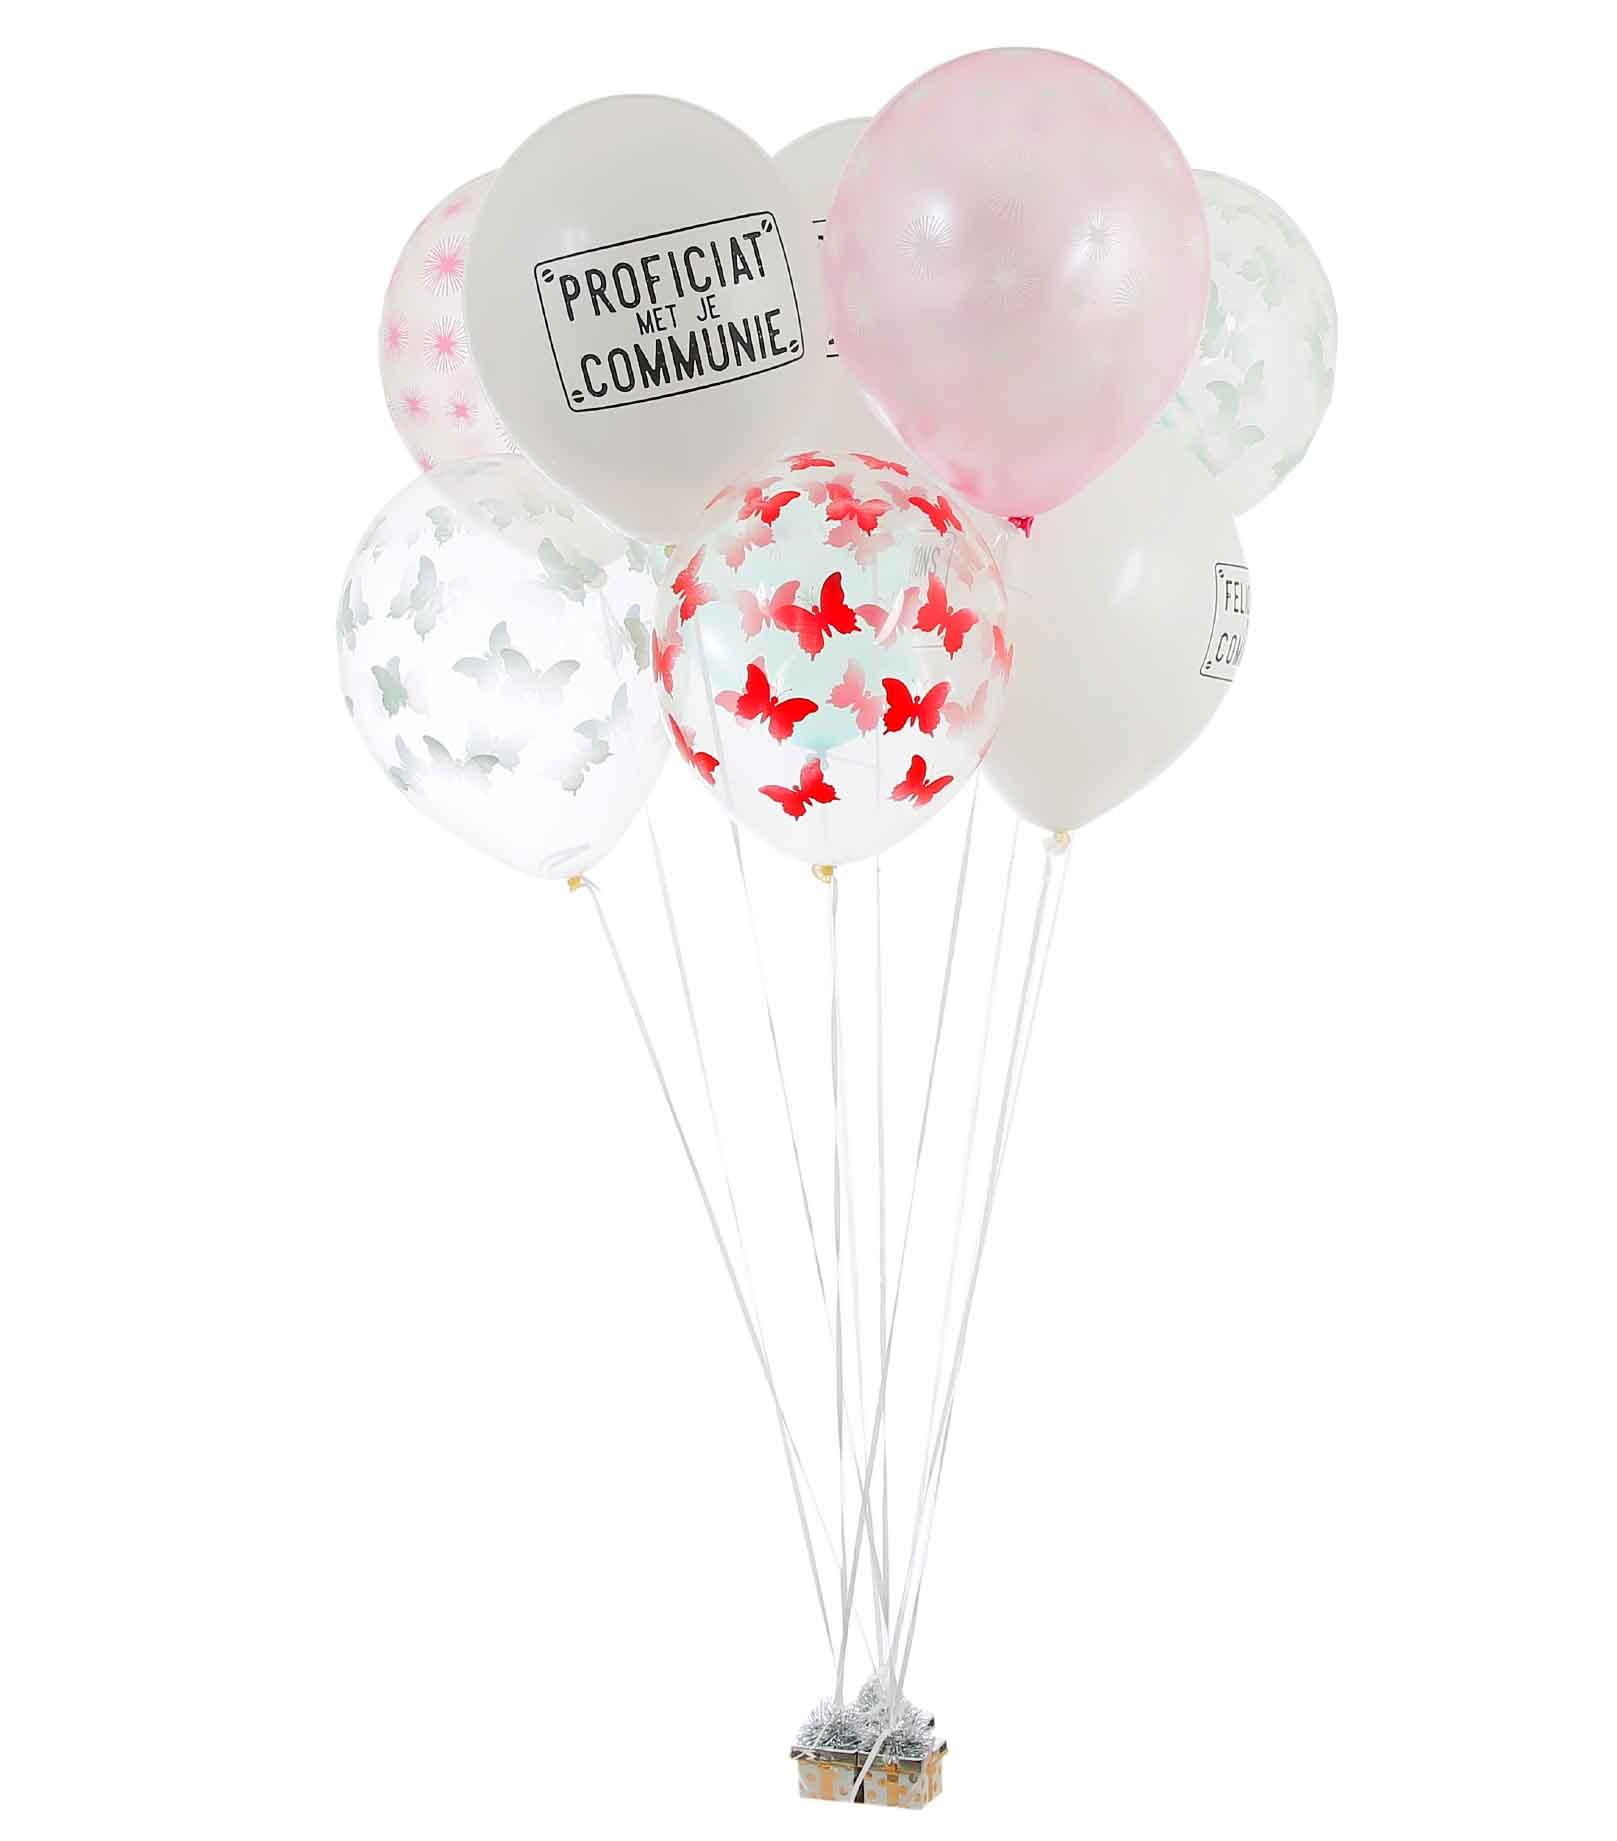 ballonnen laten vullen helium